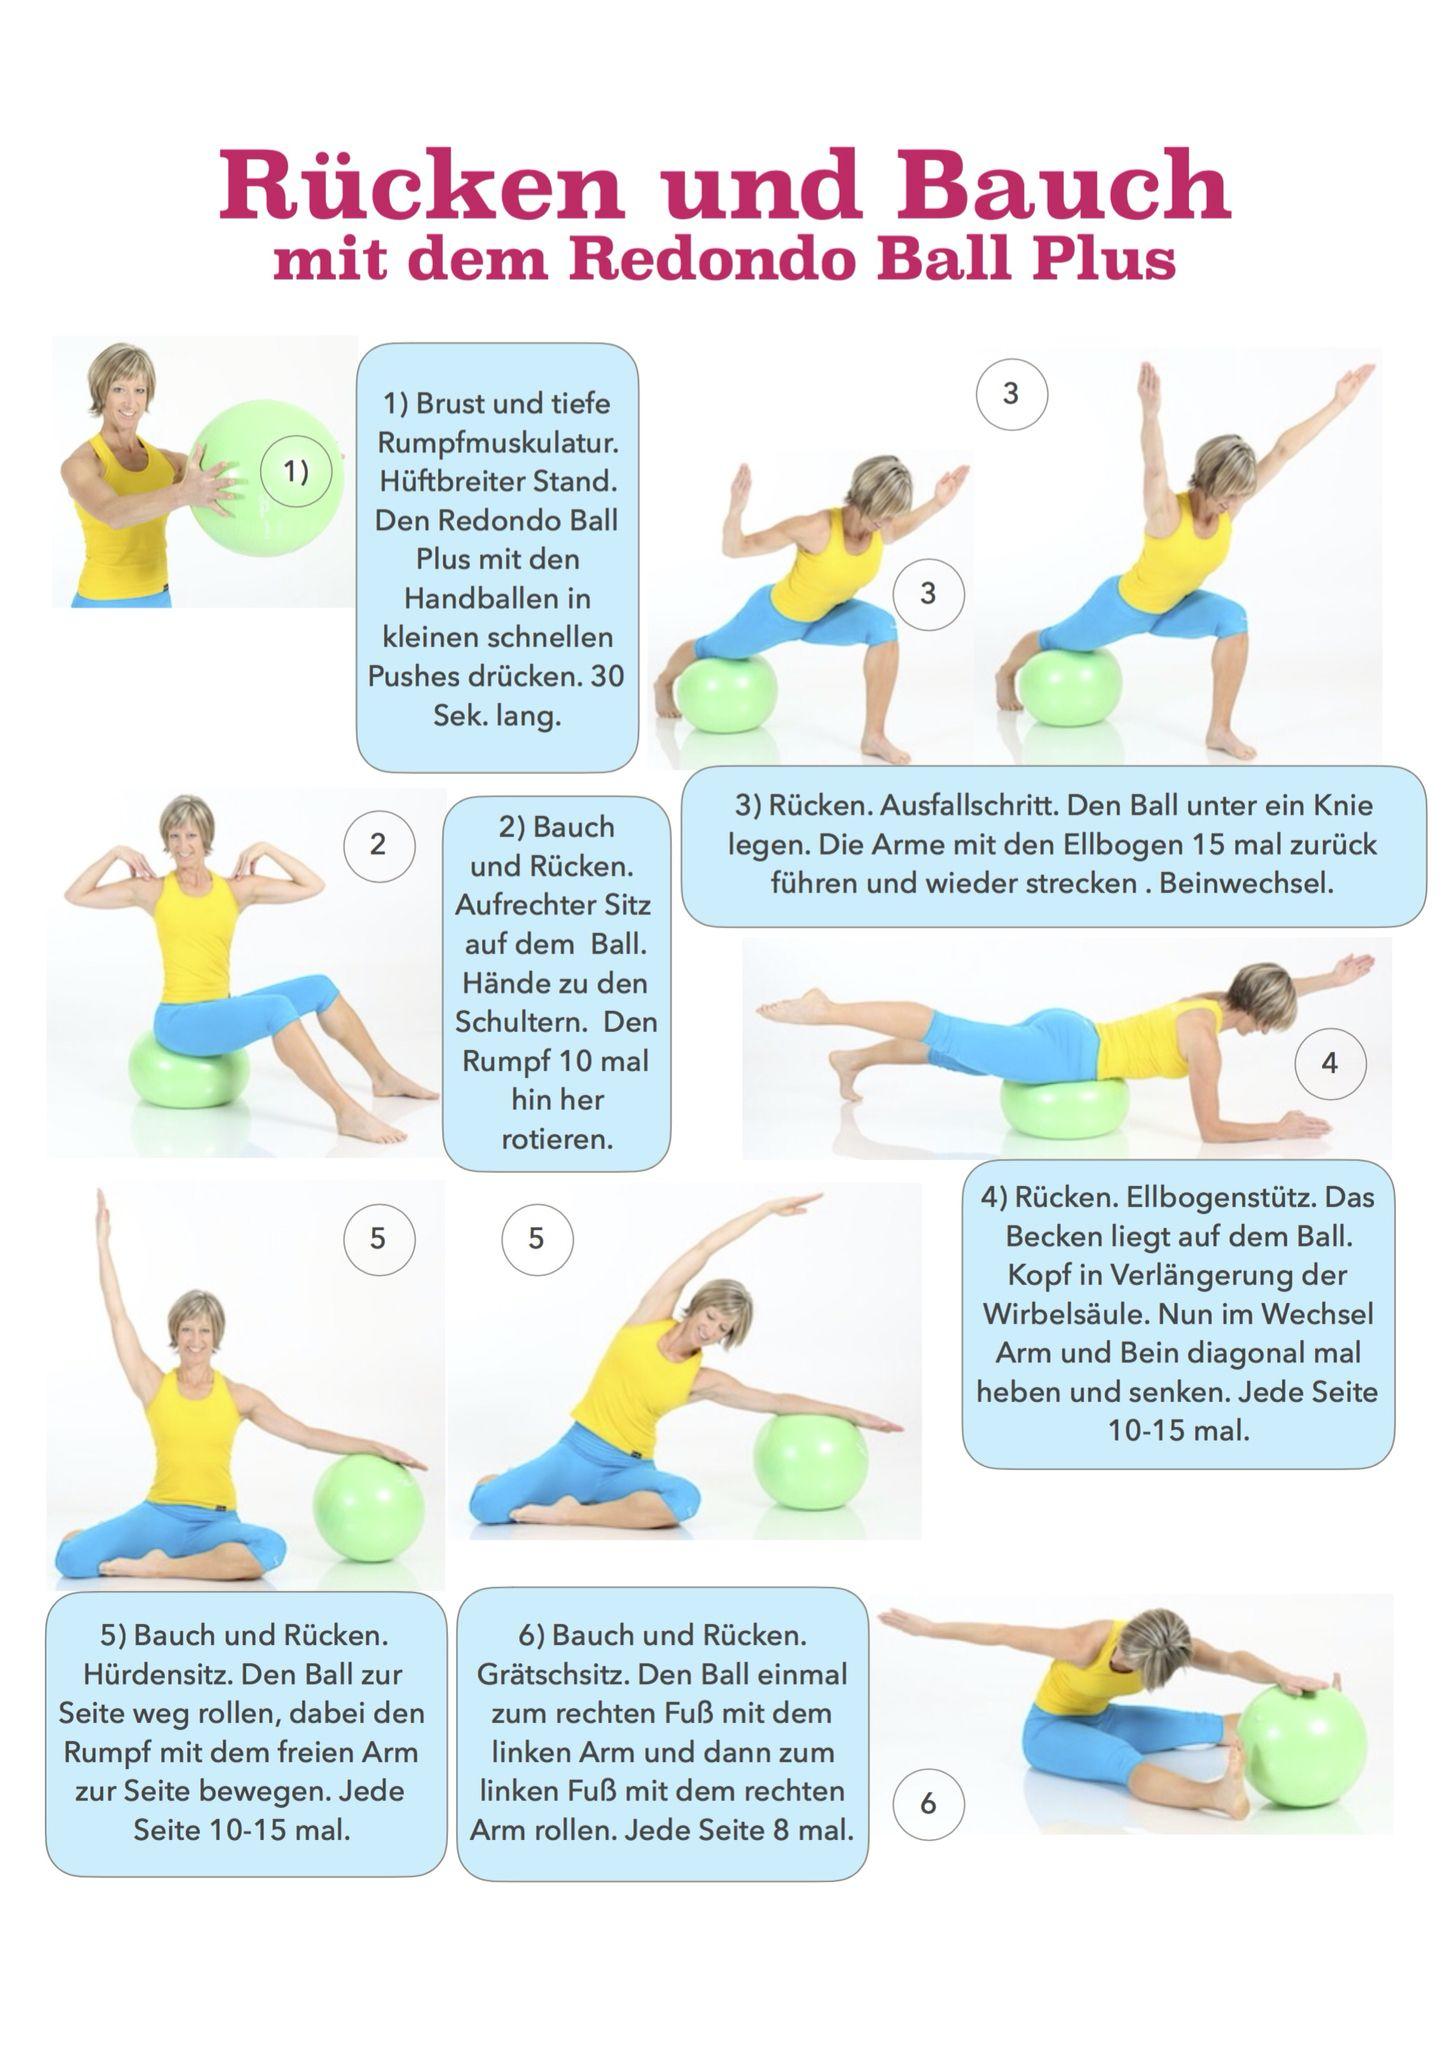 bauch und r cken training flacher bauch pinterest training fitness und gesunder r cken. Black Bedroom Furniture Sets. Home Design Ideas